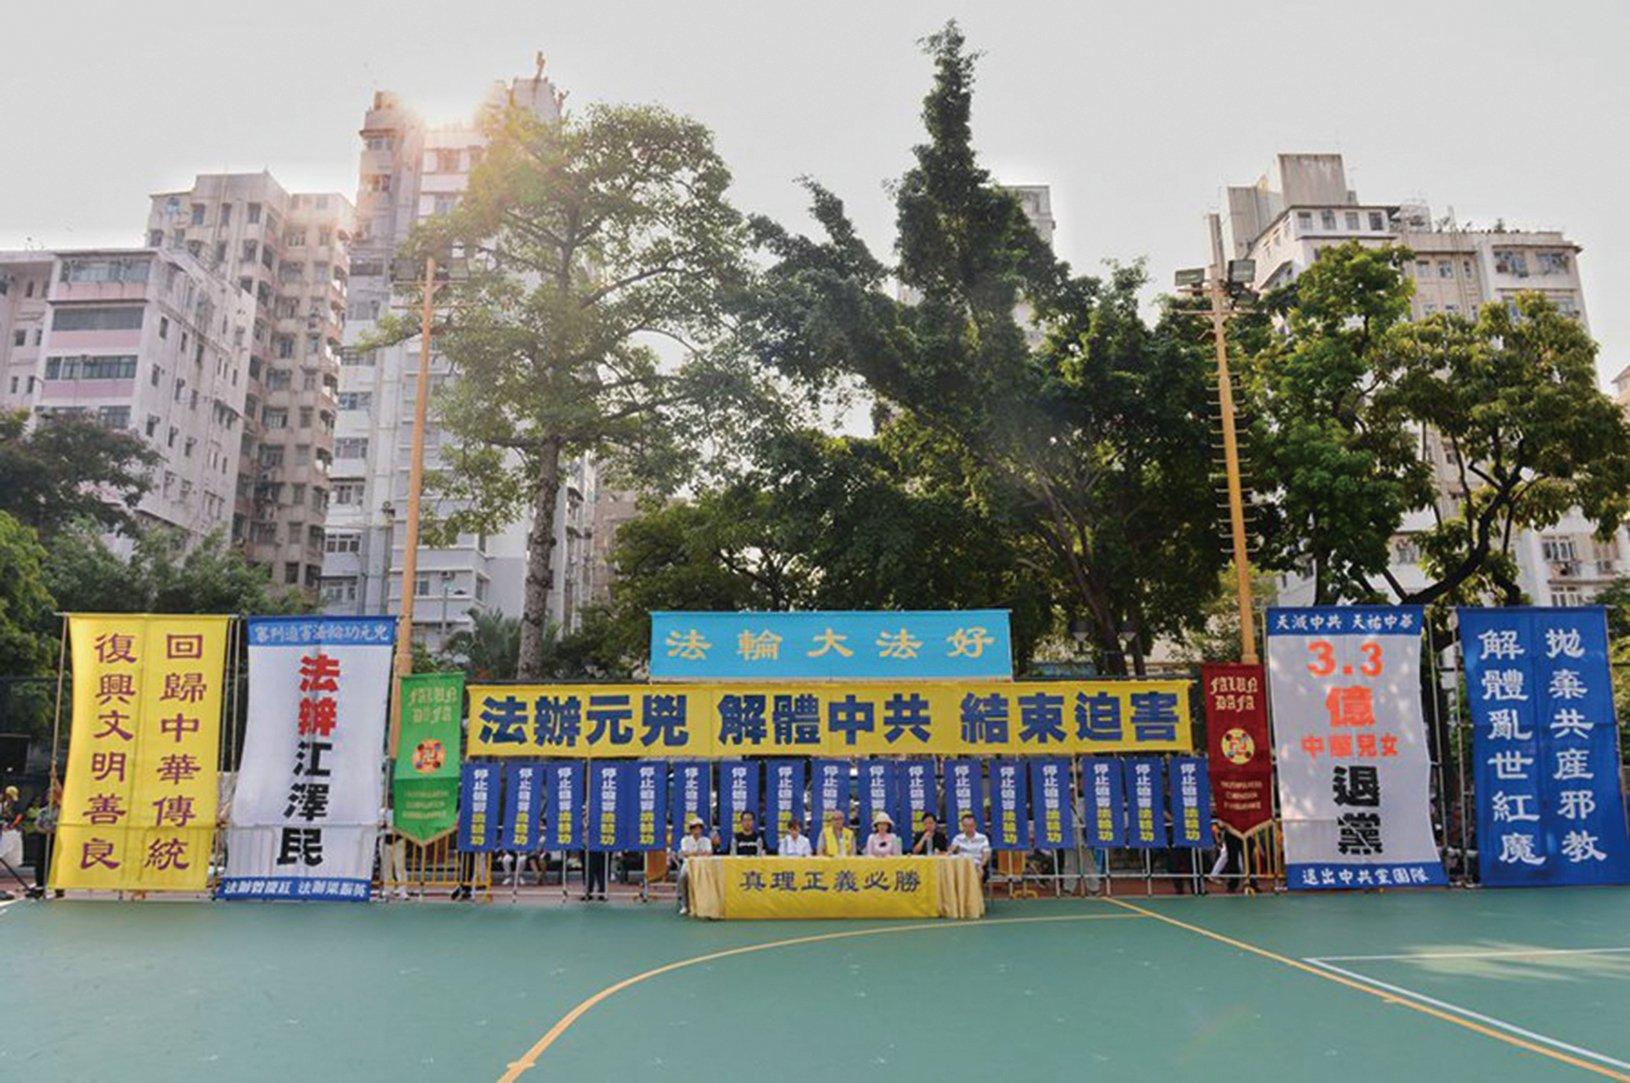 逾三百名香港和亞洲地區部份法輪功學員無懼打壓,舉行「十一國殤日法輪功反迫害」活動,現場佈置了多幅寫著「法辦元兇、解體中共」、「天滅中共、天祐中華」、「慶祝3.3億勇士退出中共」、「法輪大法好」等標語的大型彩色橫幅。(宋碧龍/大紀元)